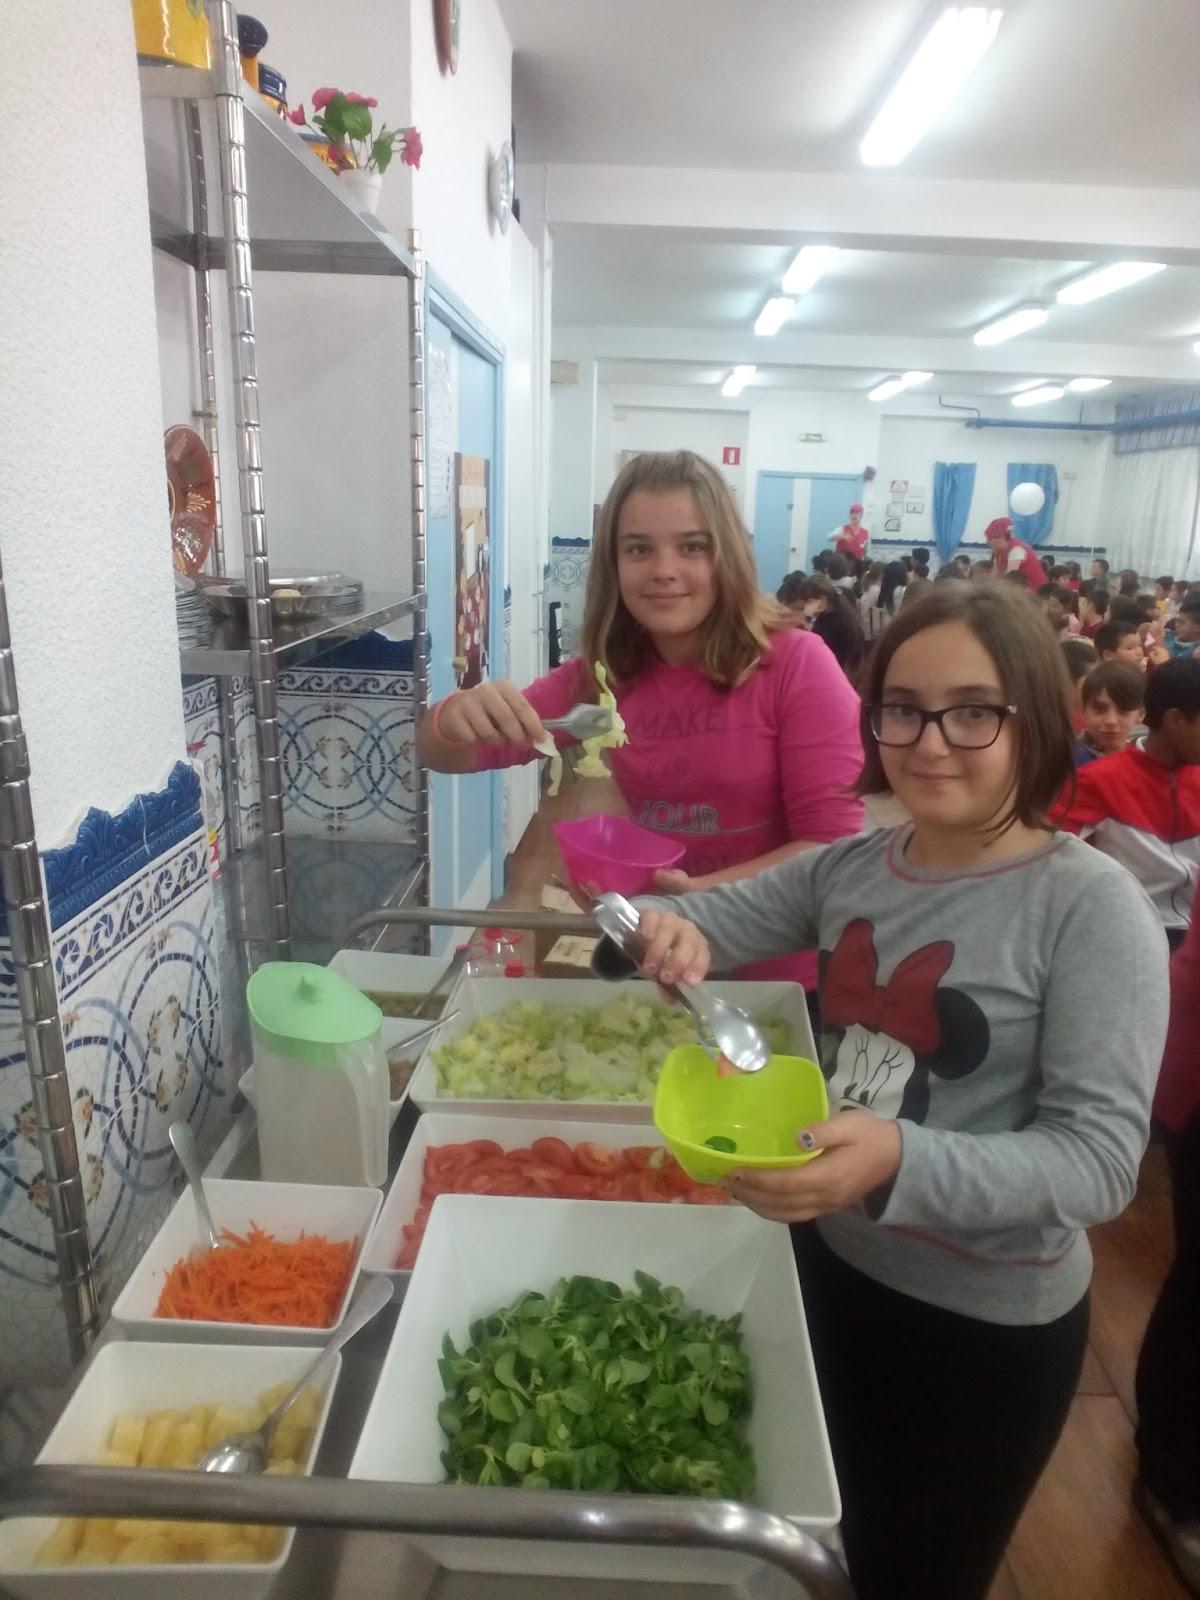 Somos del comedor buffet de ensaladas y frutas for Proposito del comedor buffet